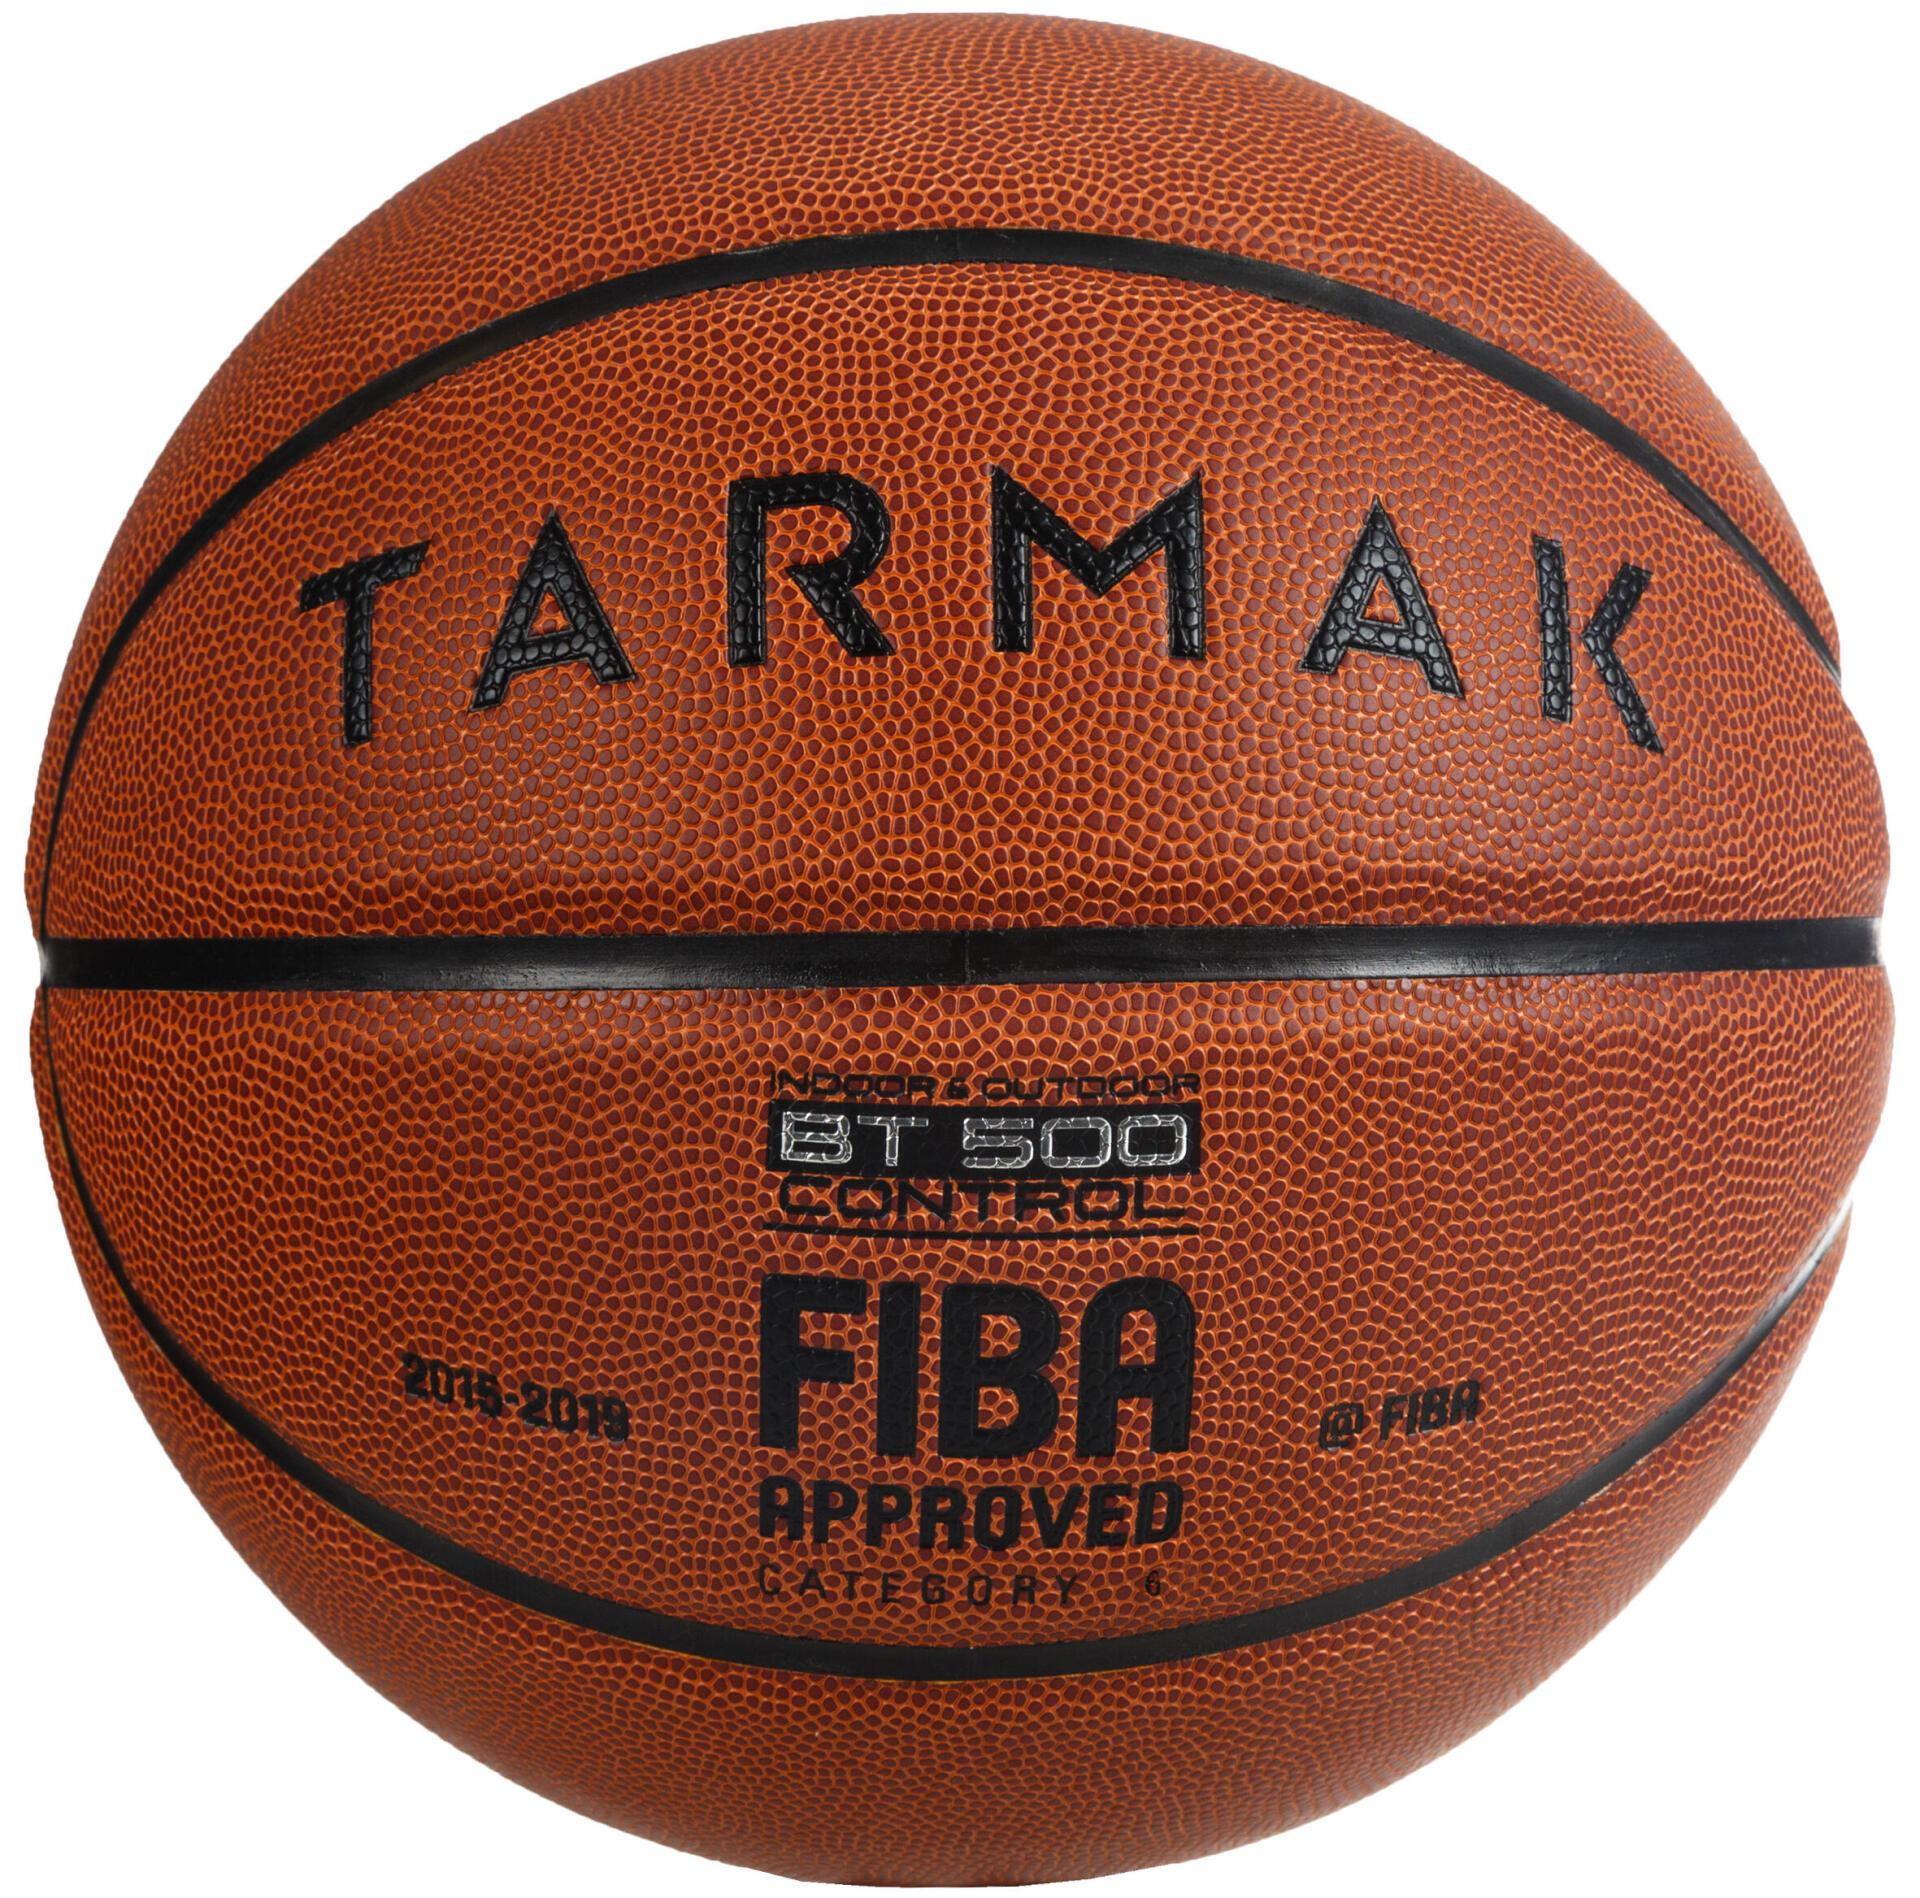 籃球 | 如何選擇籃球